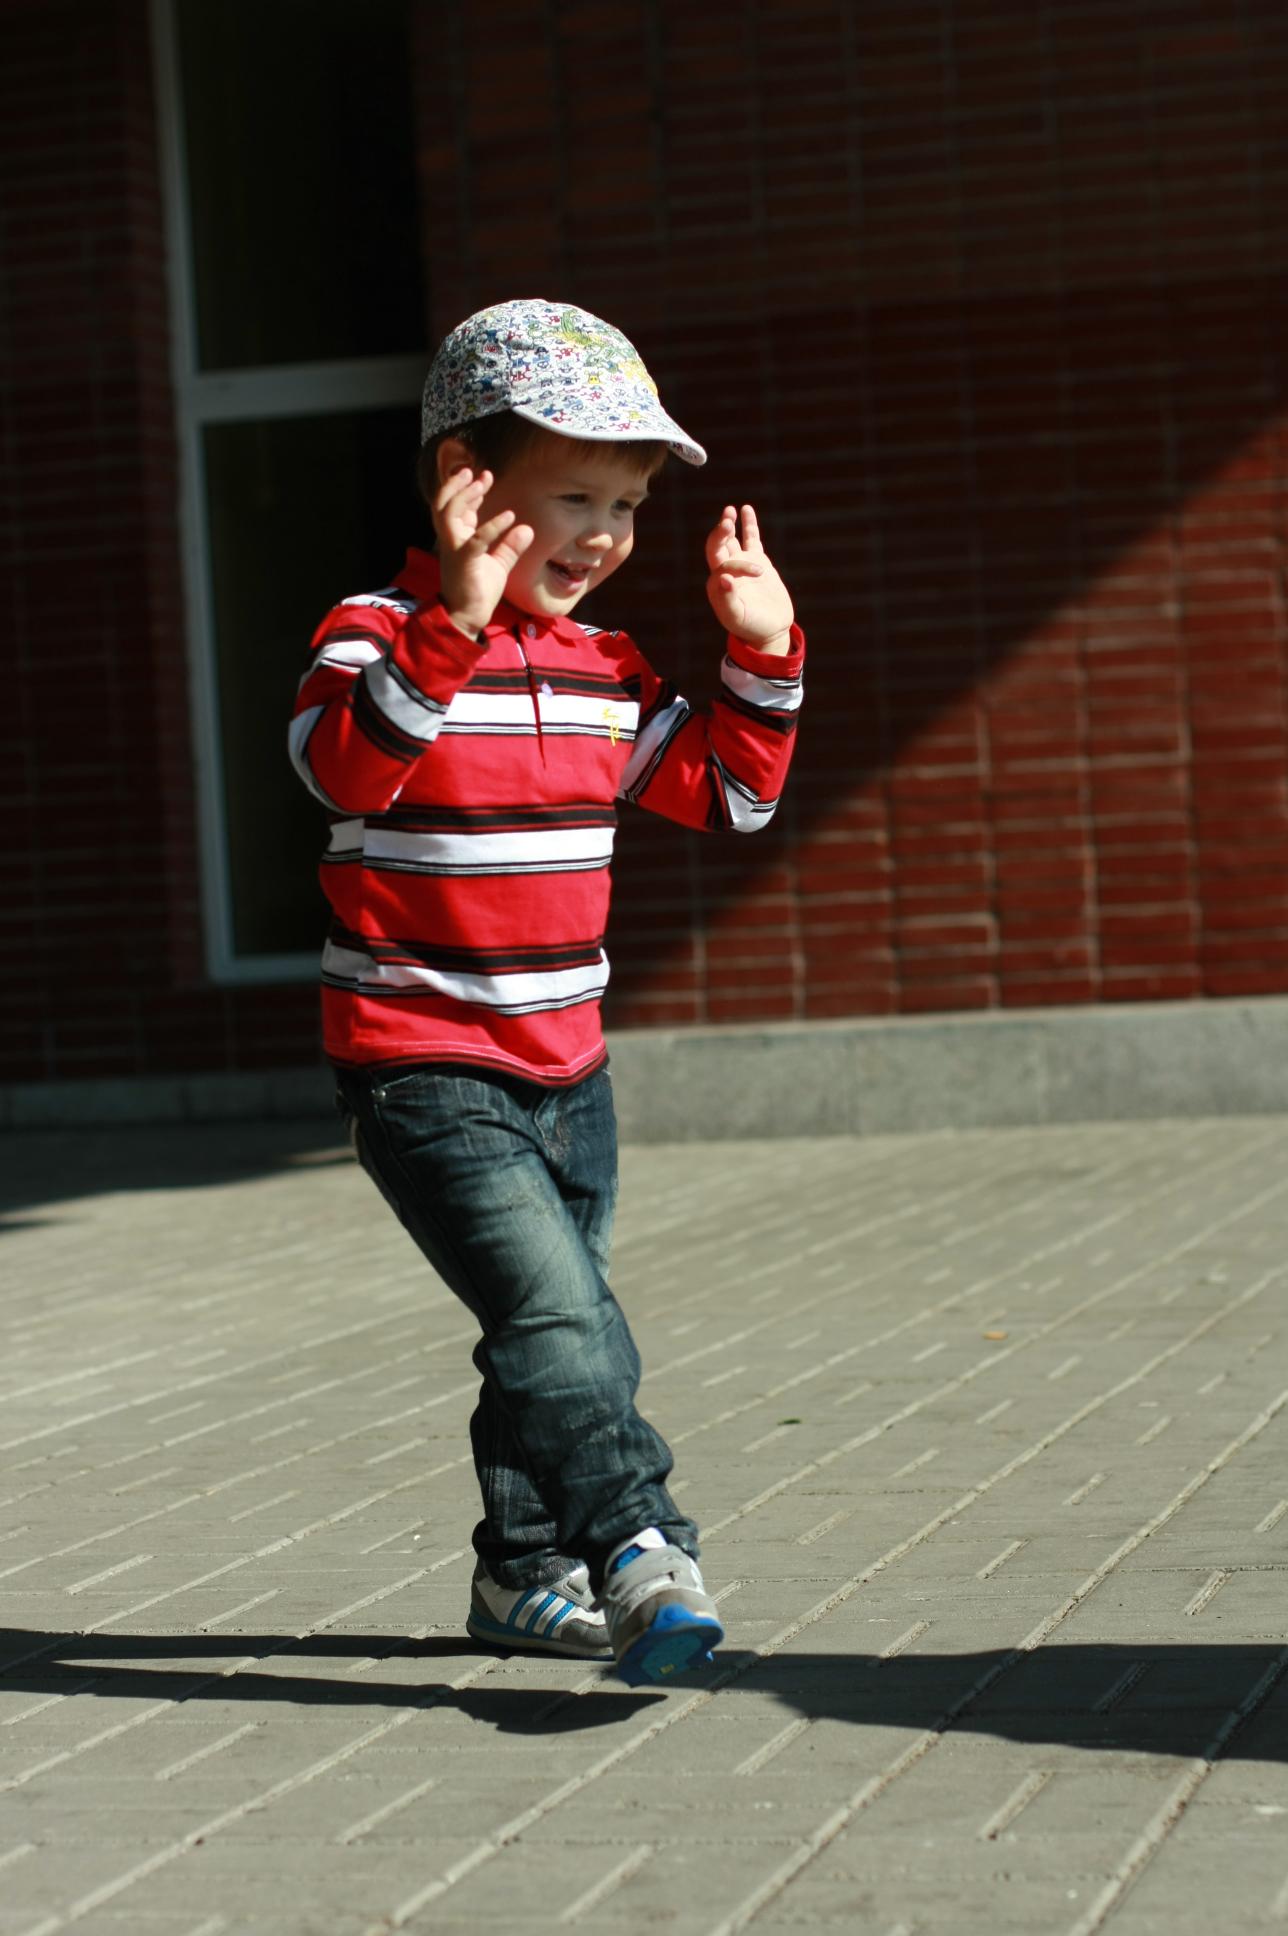 танцуй и веселись!. Танцуй, пока молодой!